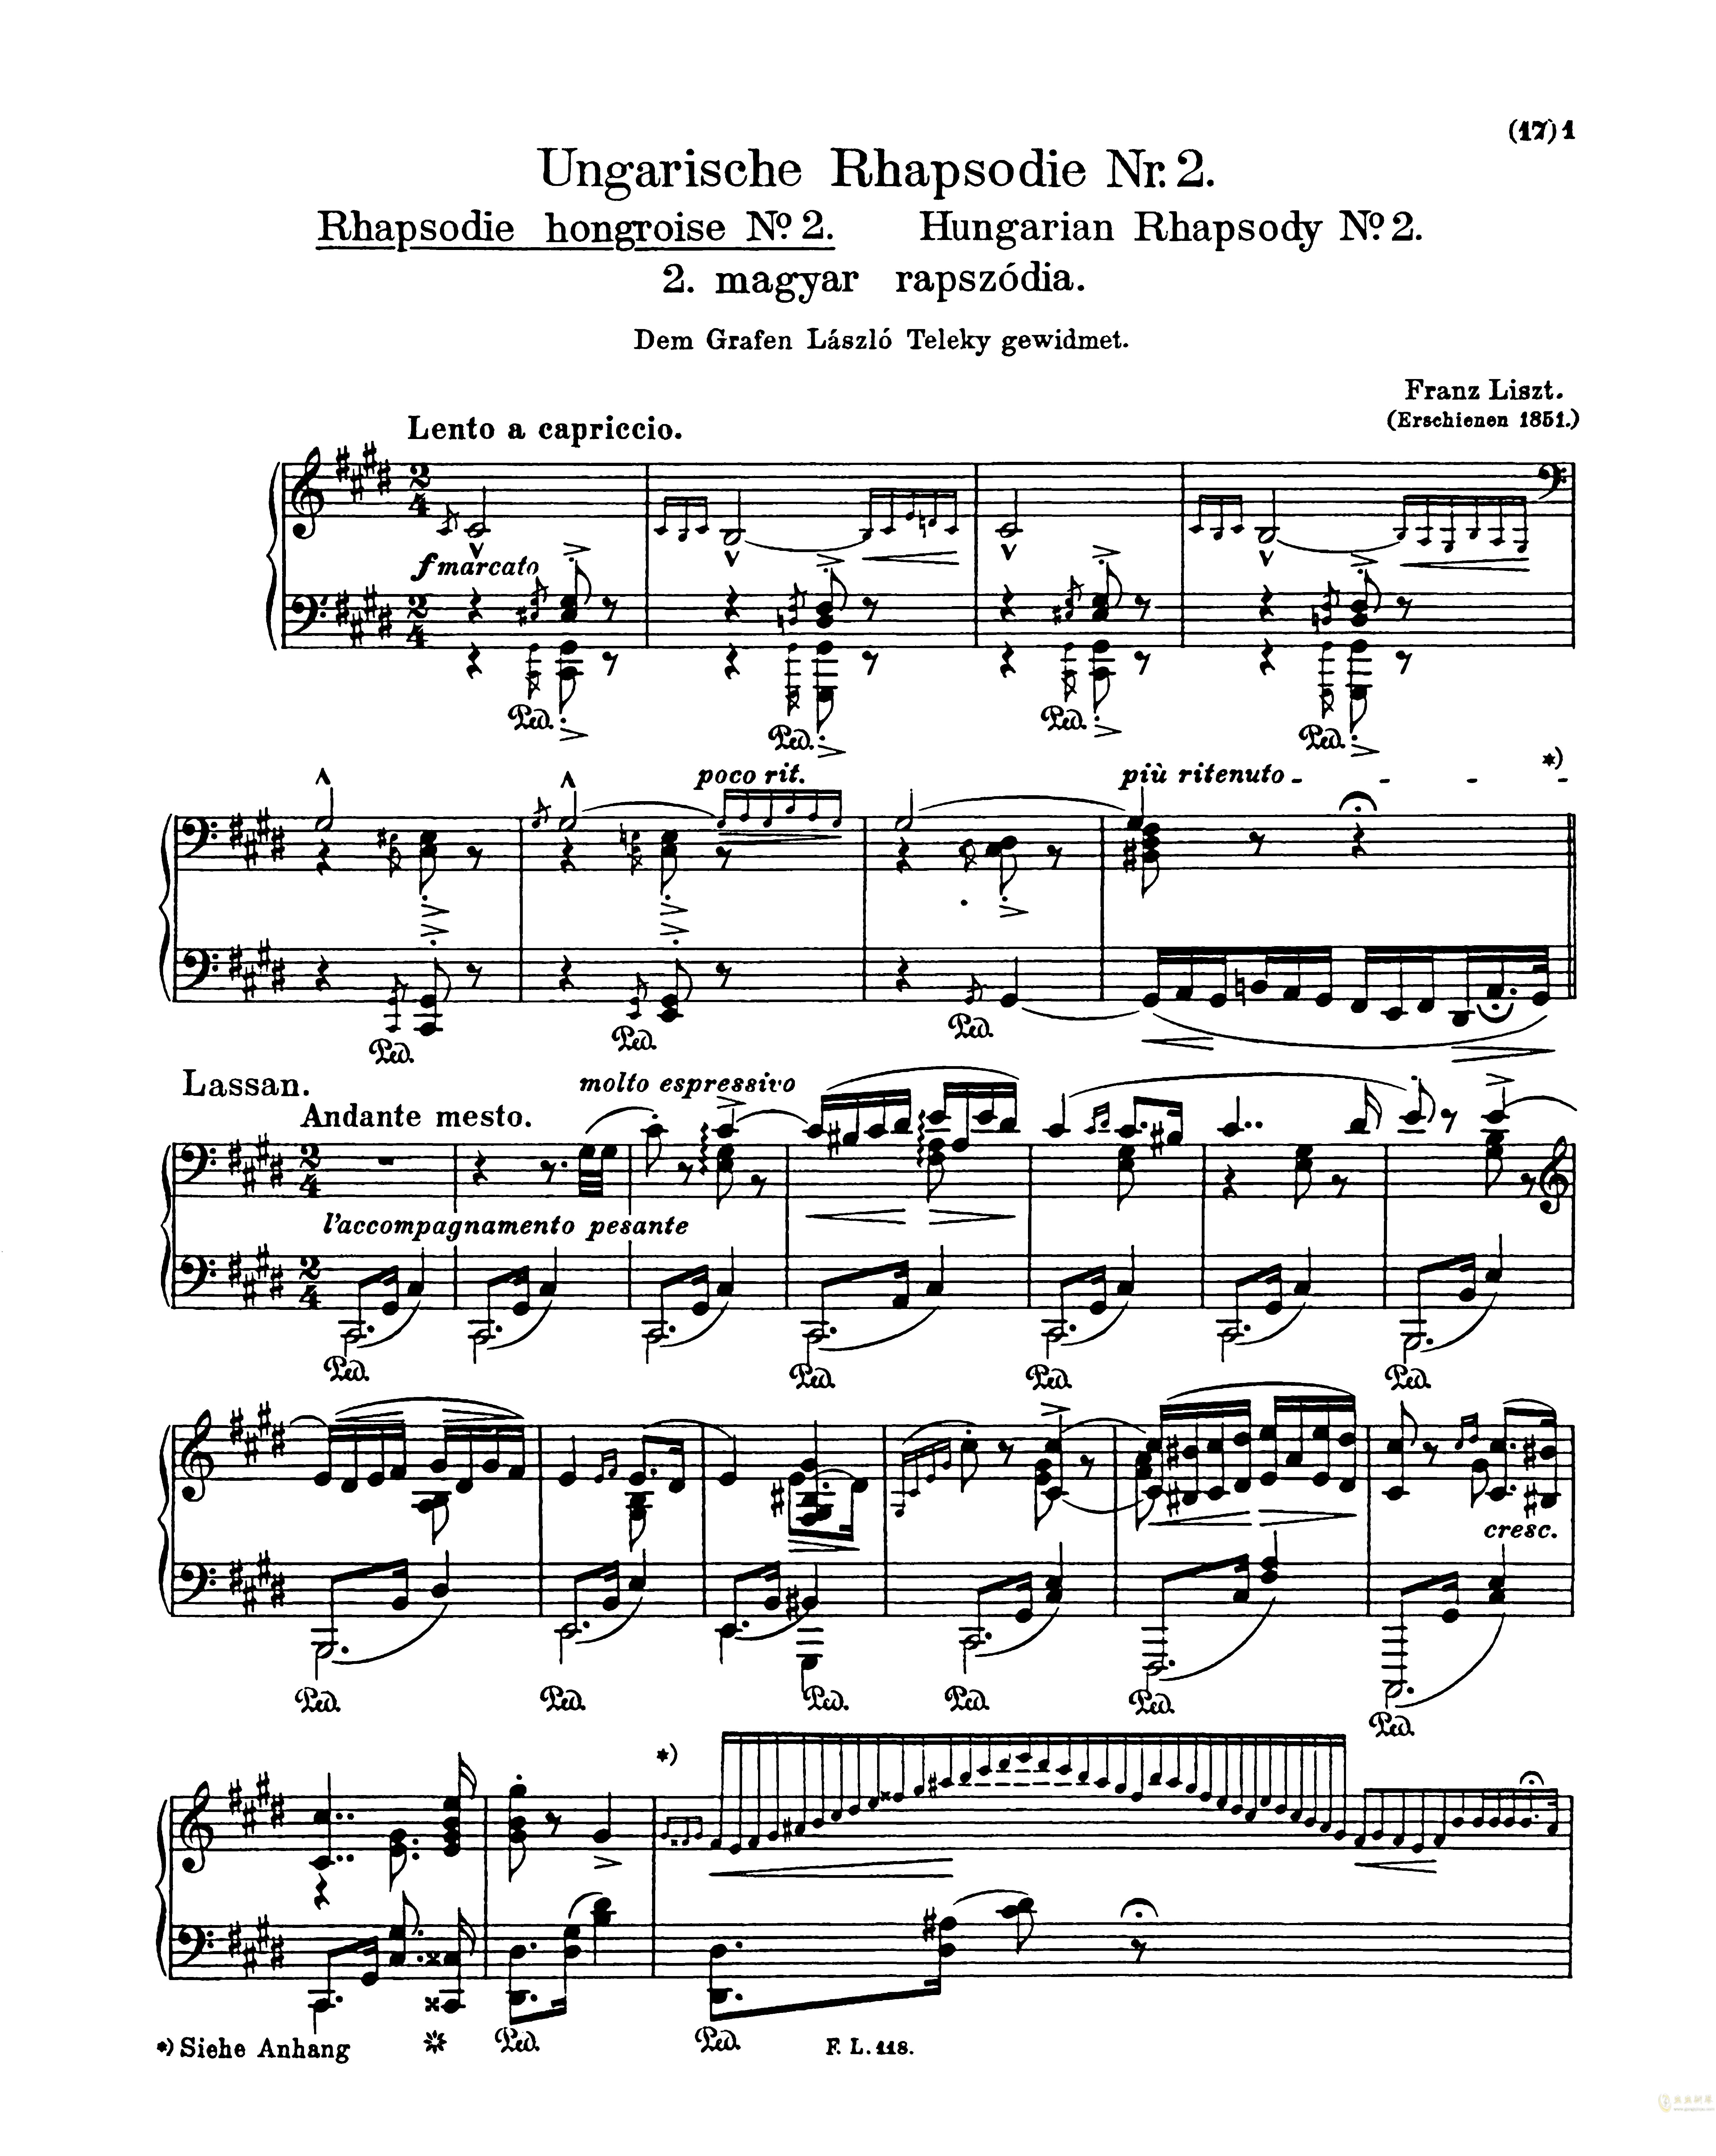 匈牙利狂想曲第二号钢琴谱 第1页